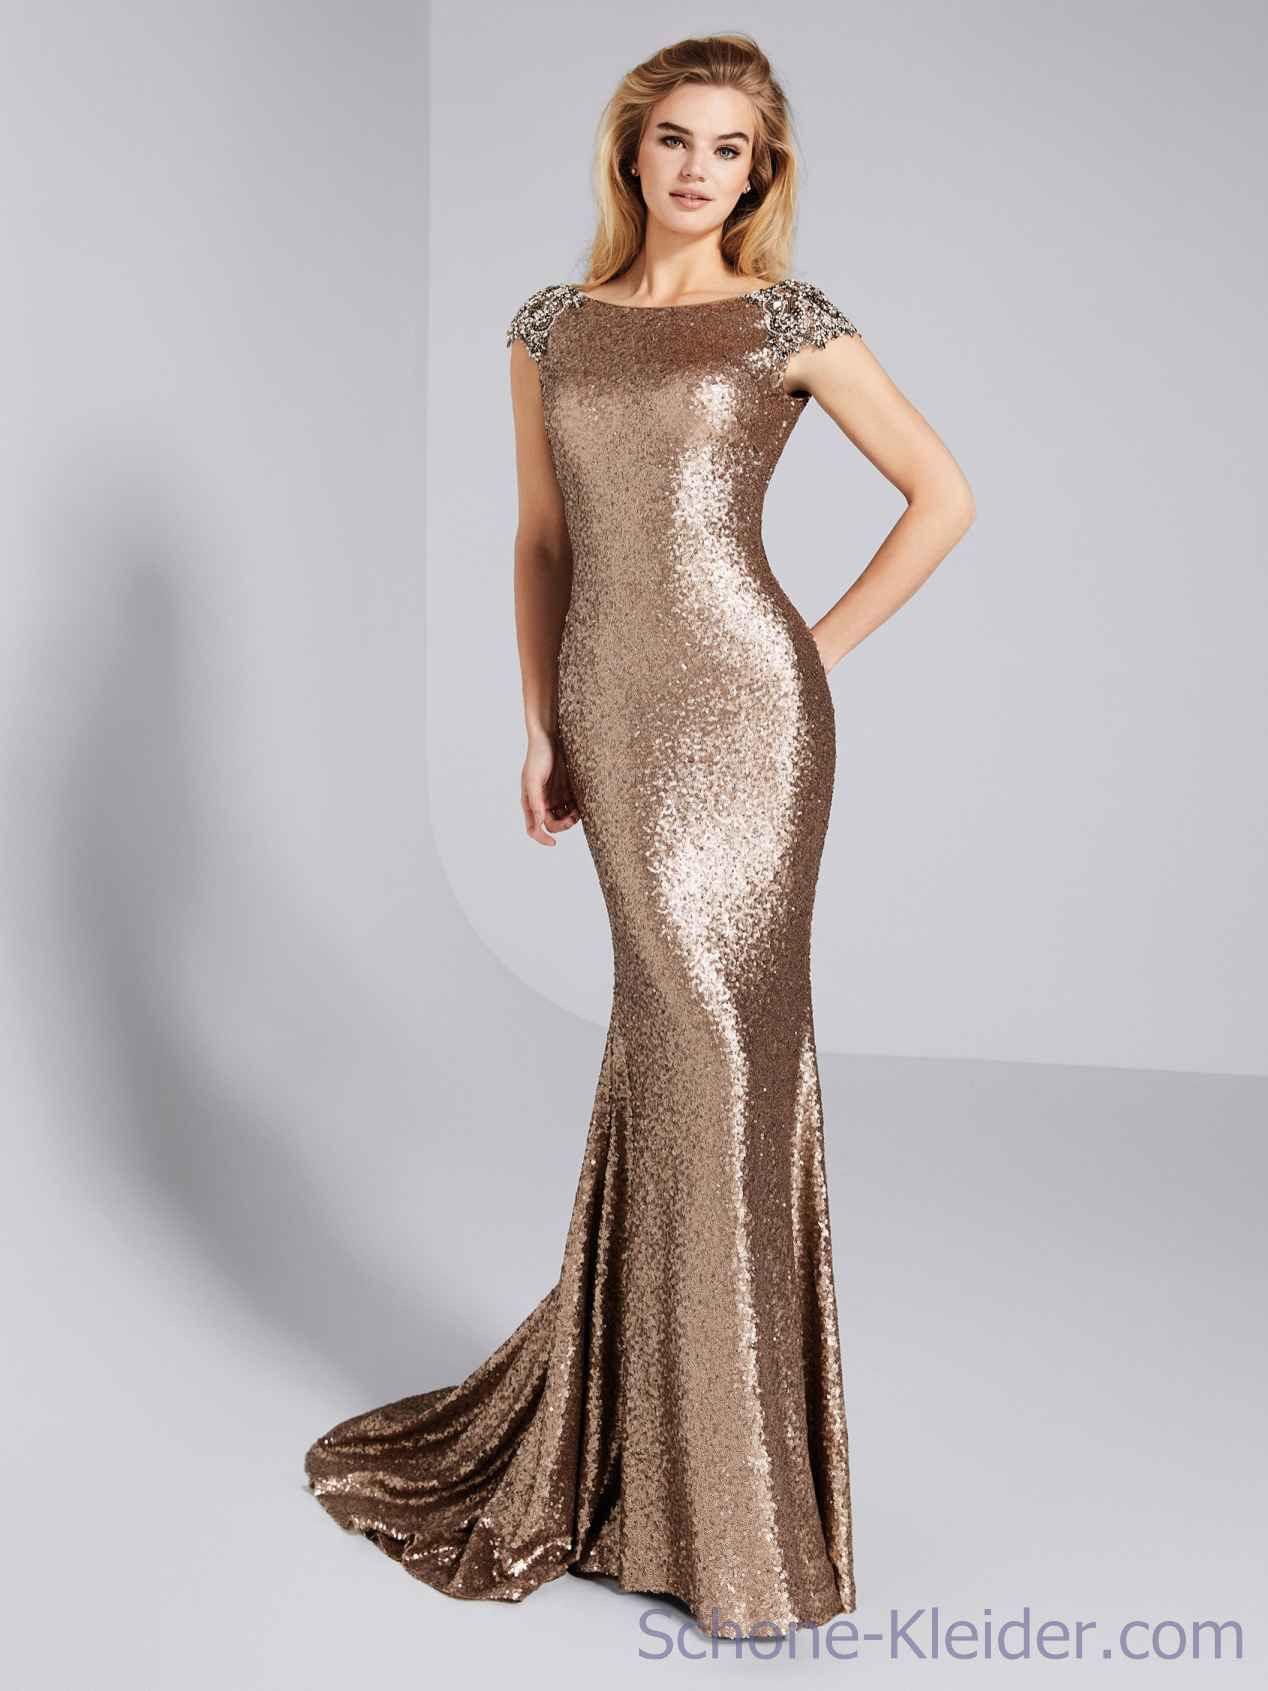 Abend Luxus Schöne Abendkleider Online Bestellen Design17 Elegant Schöne Abendkleider Online Bestellen Galerie